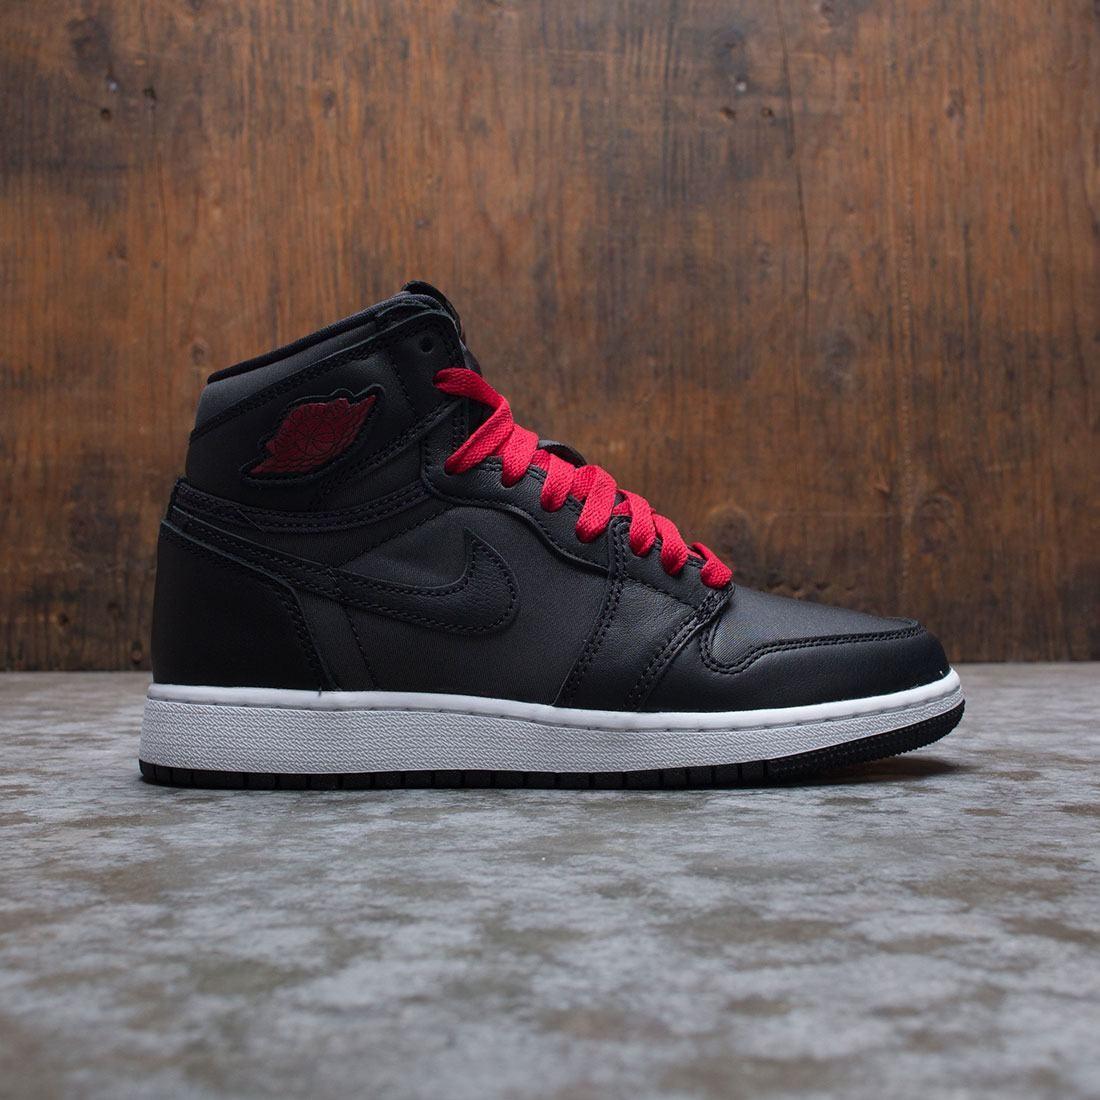 retro high og black gym red